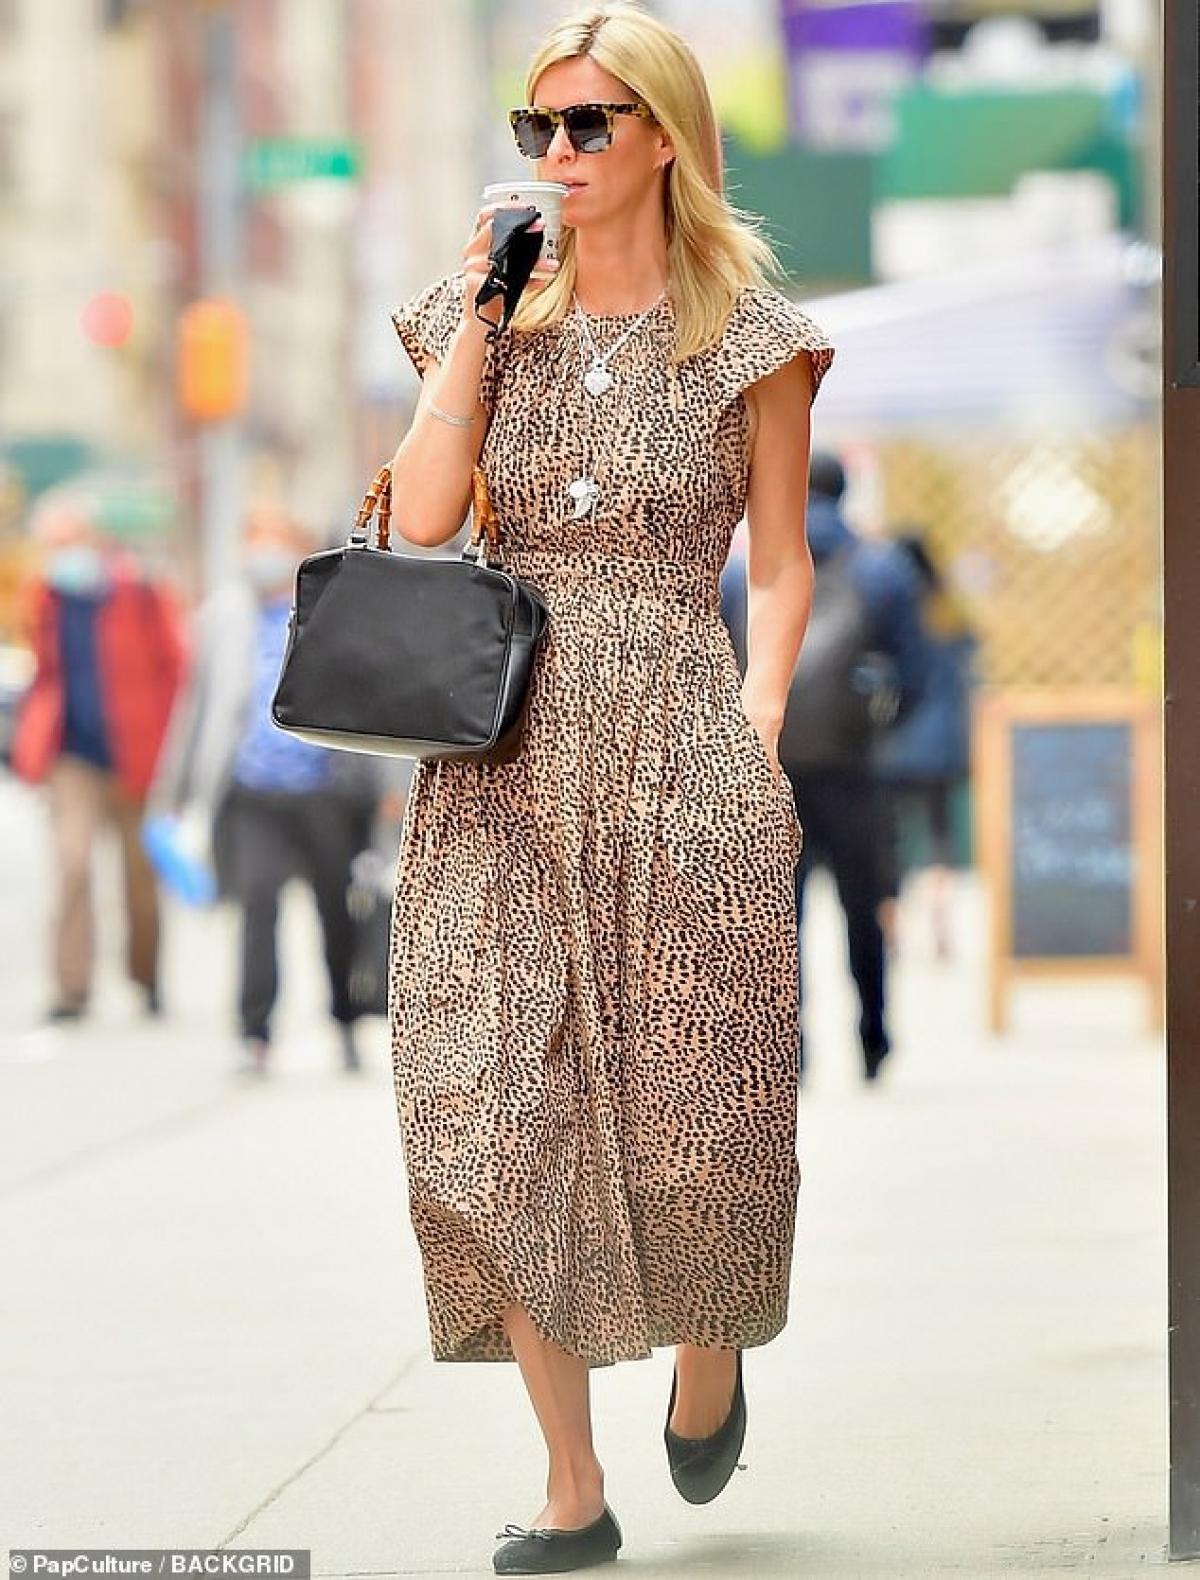 Em gái Paris Hilton thưởng thức cafe nóng hổi khi đi dạo phố Ảnh 2